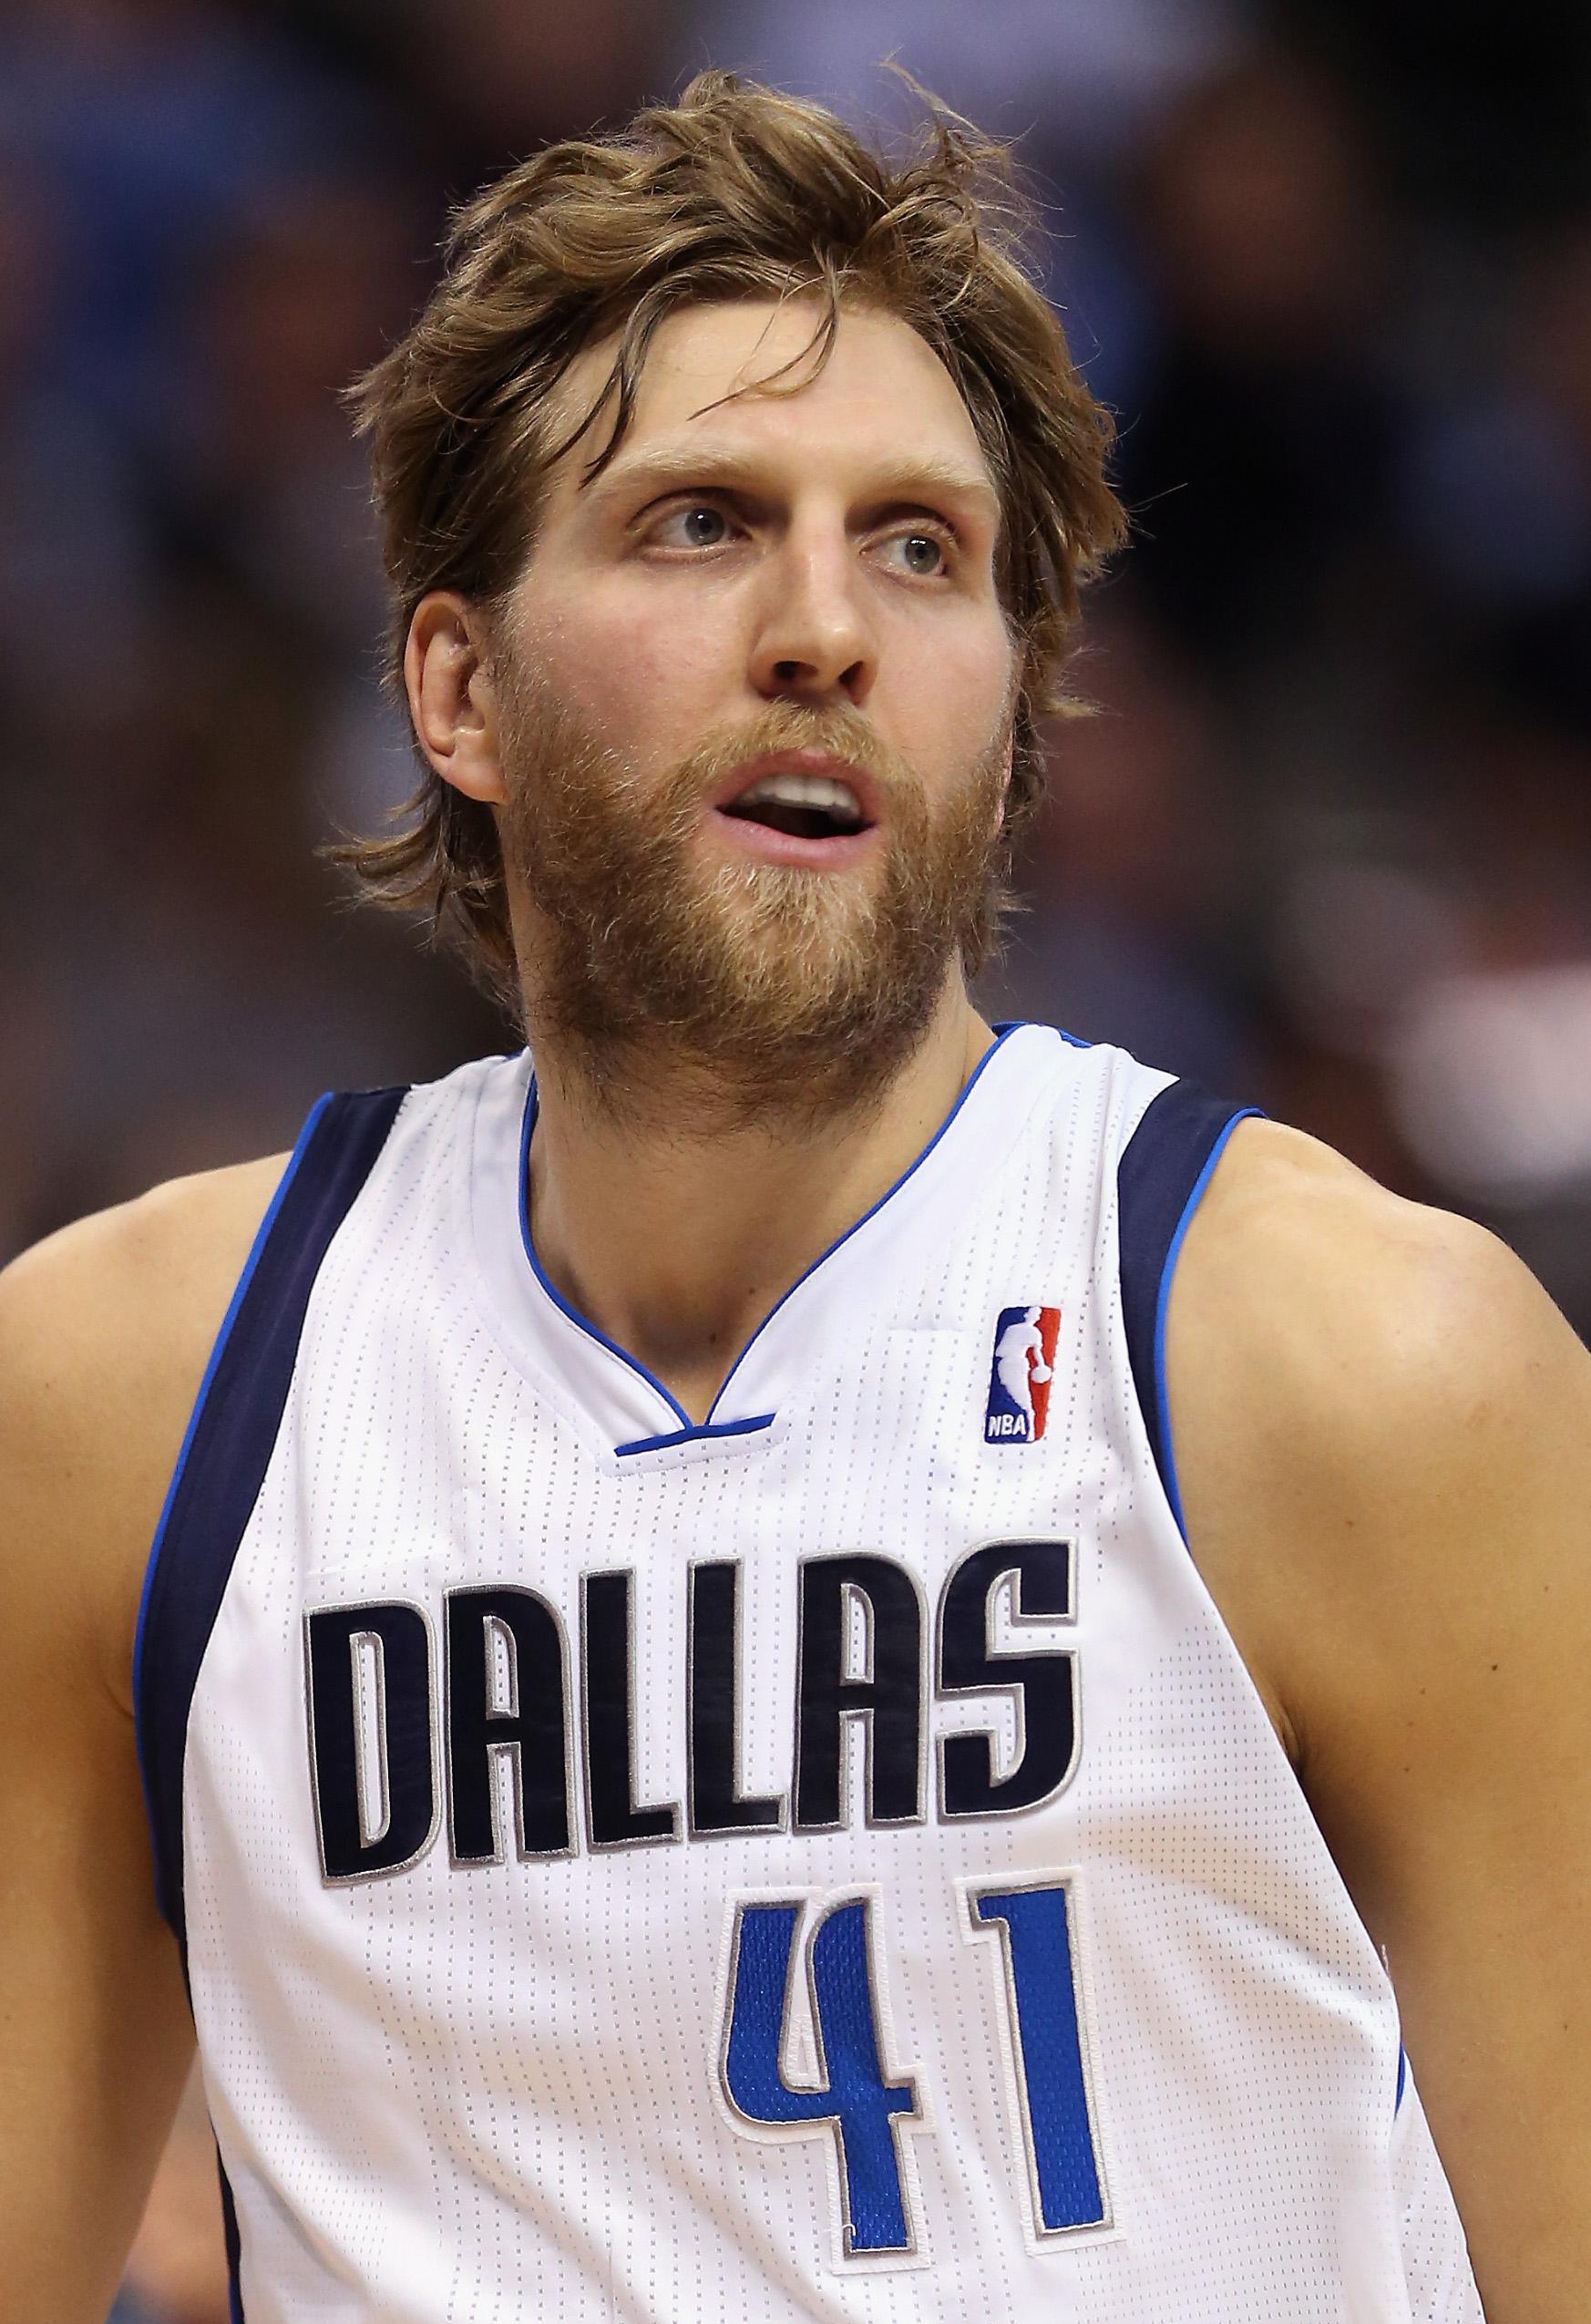 f38ad4c4c8ba James Harden s Beard Made Him an NBA Great